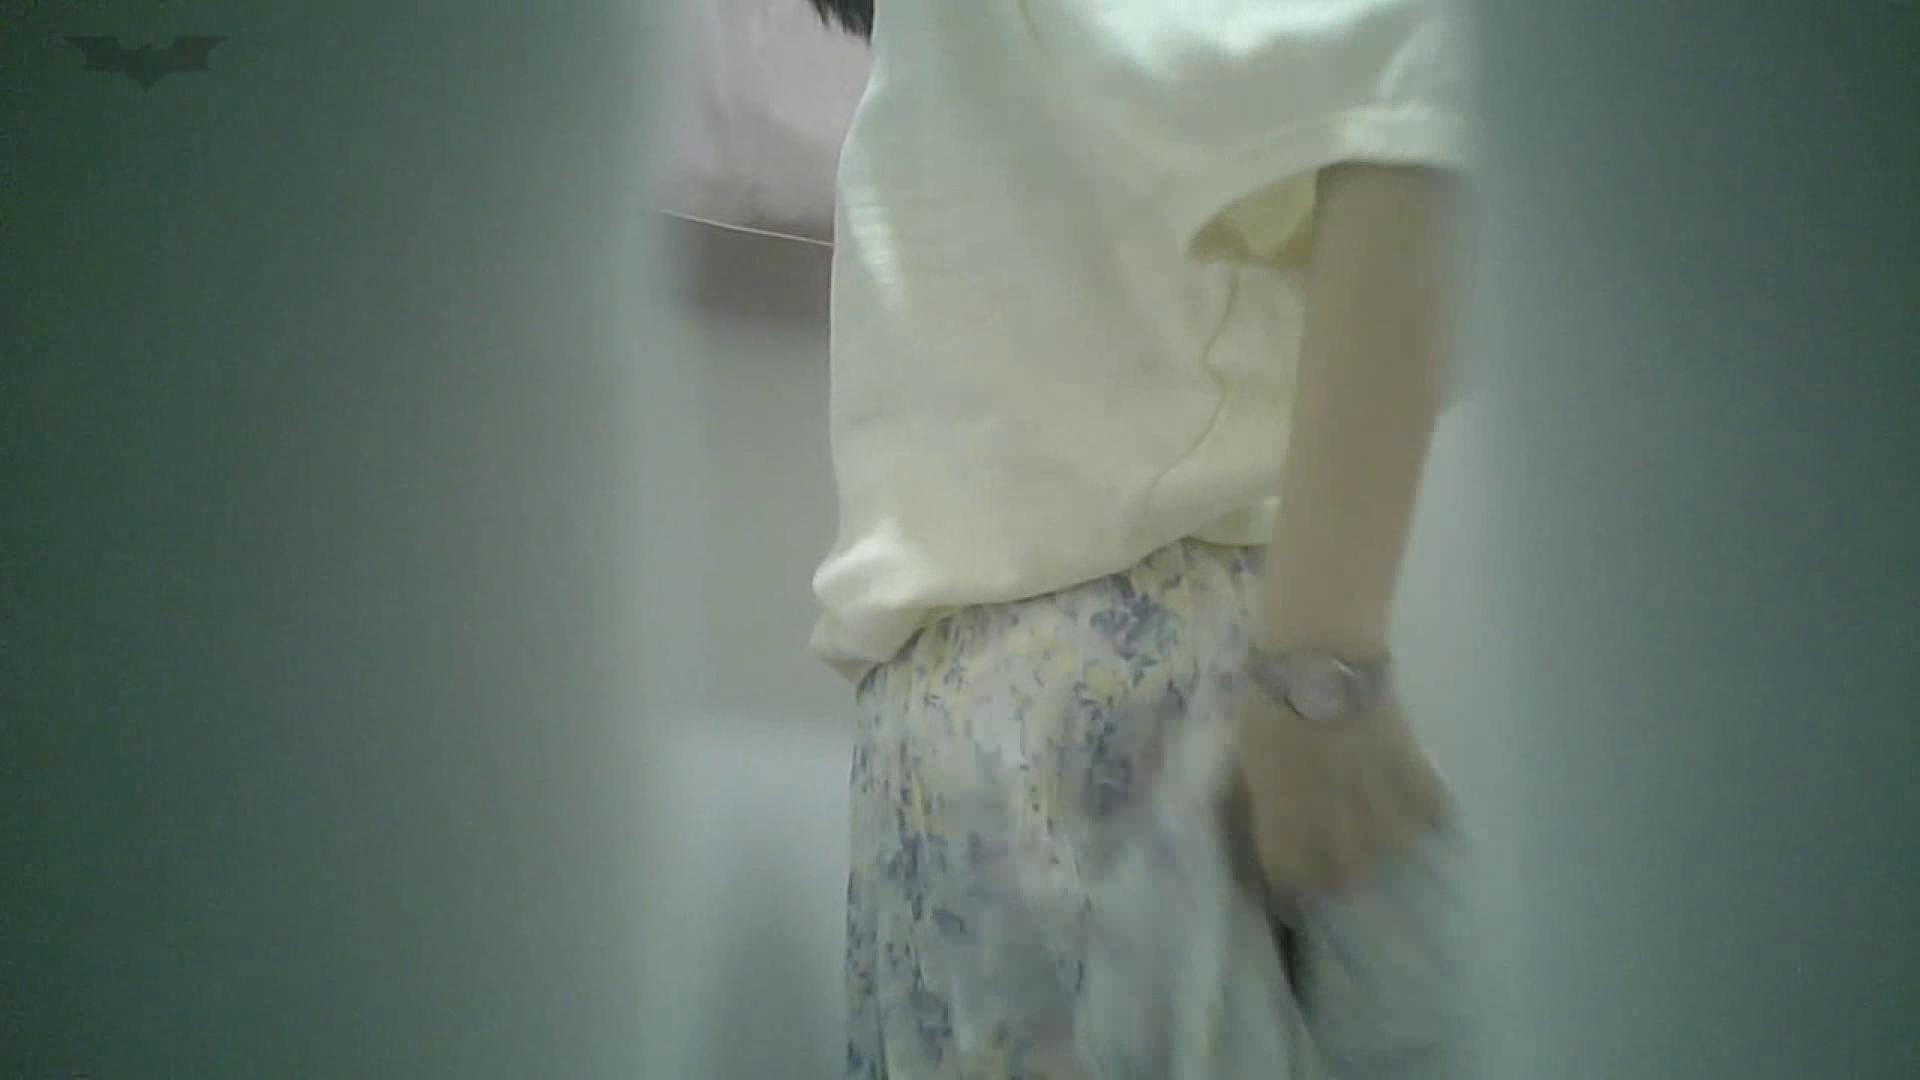 有名大学女性洗面所 vol.40 ??おまじない的な動きをする子がいます。 高画質 われめAV動画紹介 51画像 32